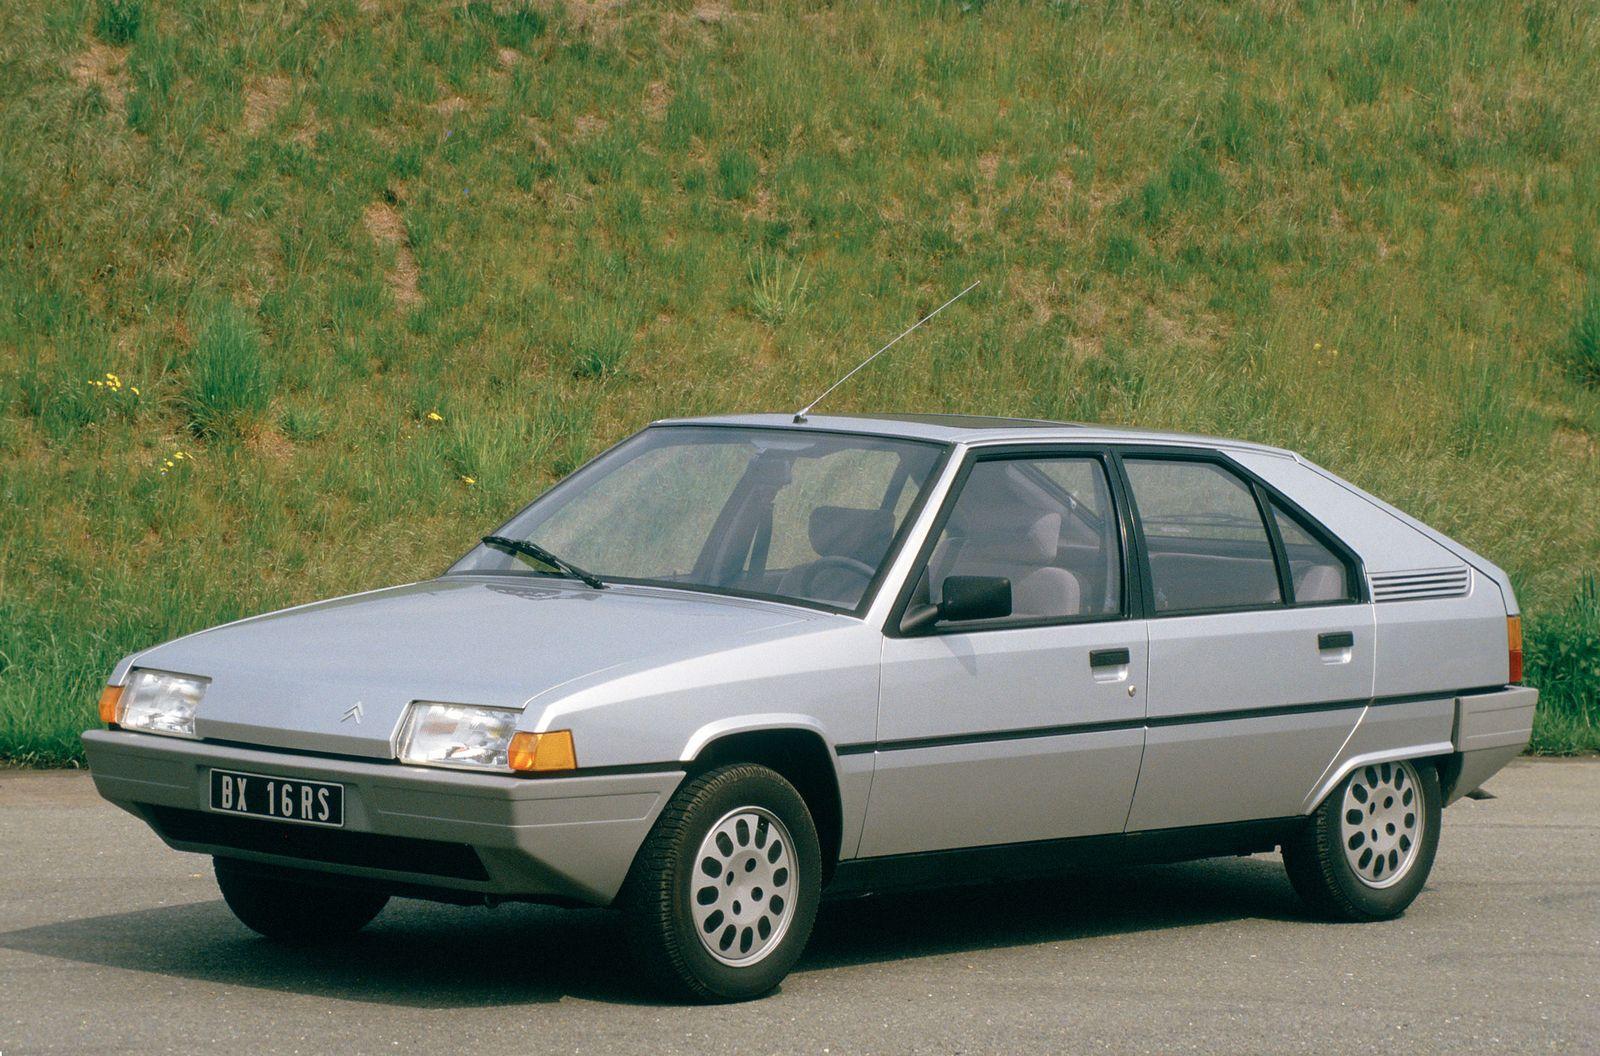 1982 / Citroen BX